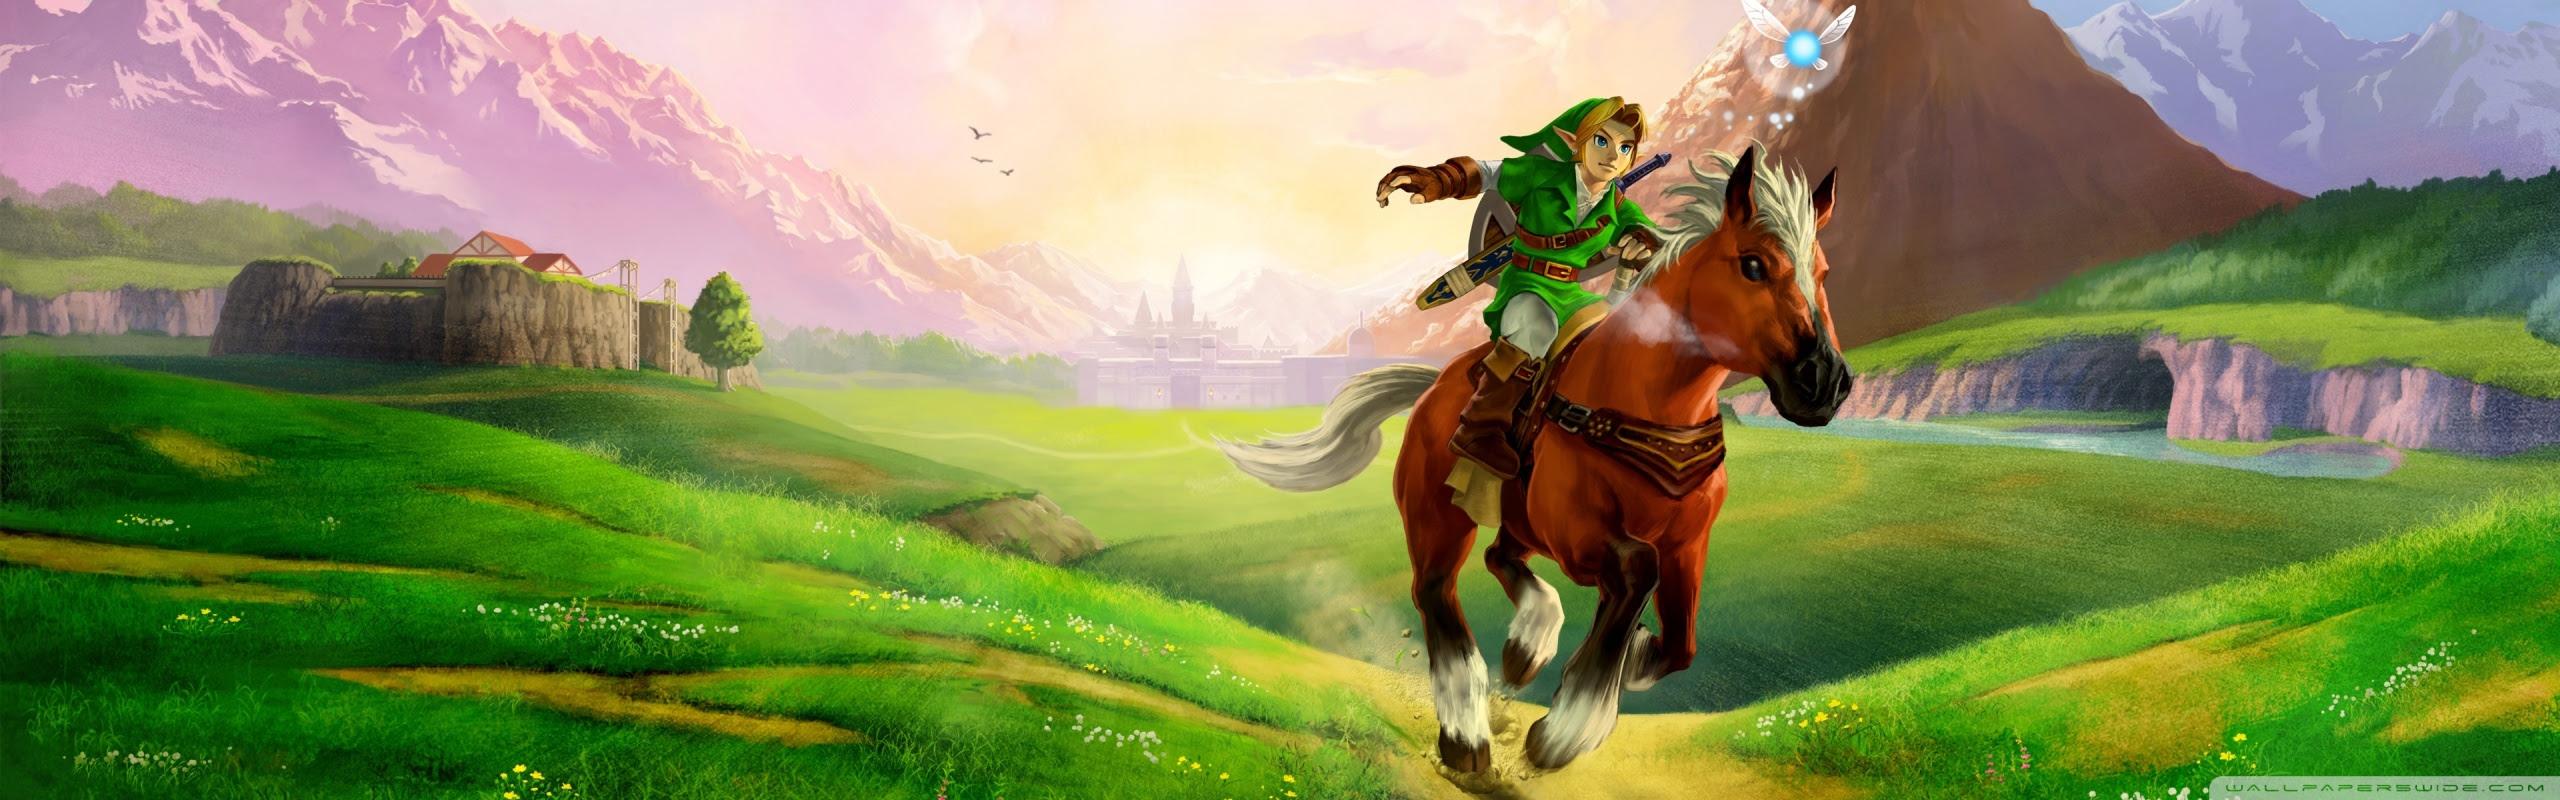 The Legend Of Zelda Ocarina Of Time 3d Ultra Hd Desktop Background